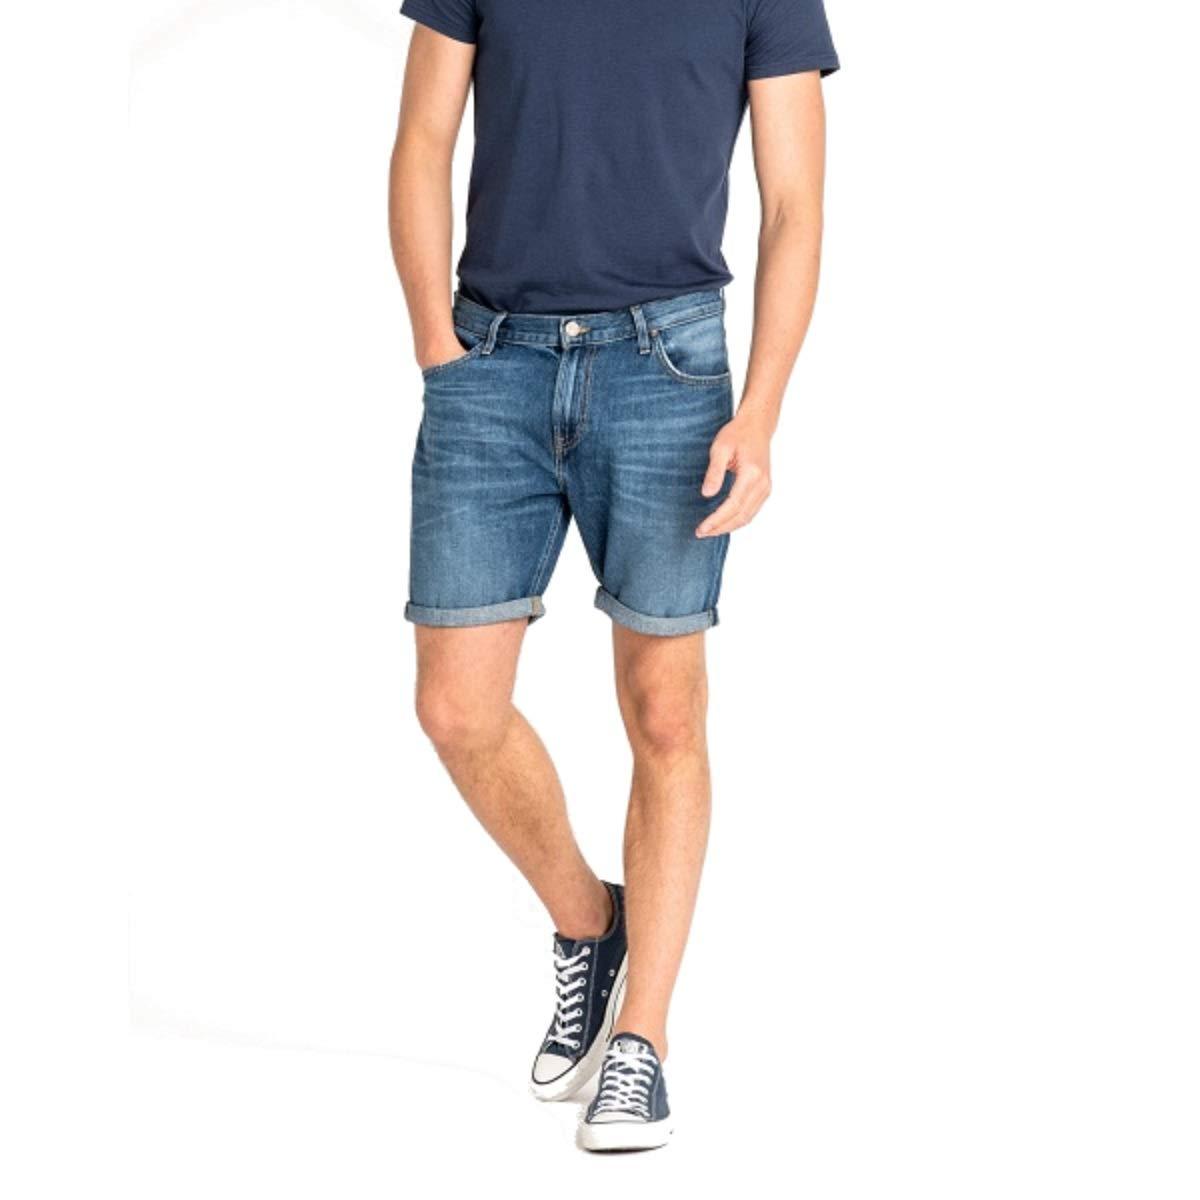 TALLA W28. Lee Rider Short Pantalones Cortos para Hombre